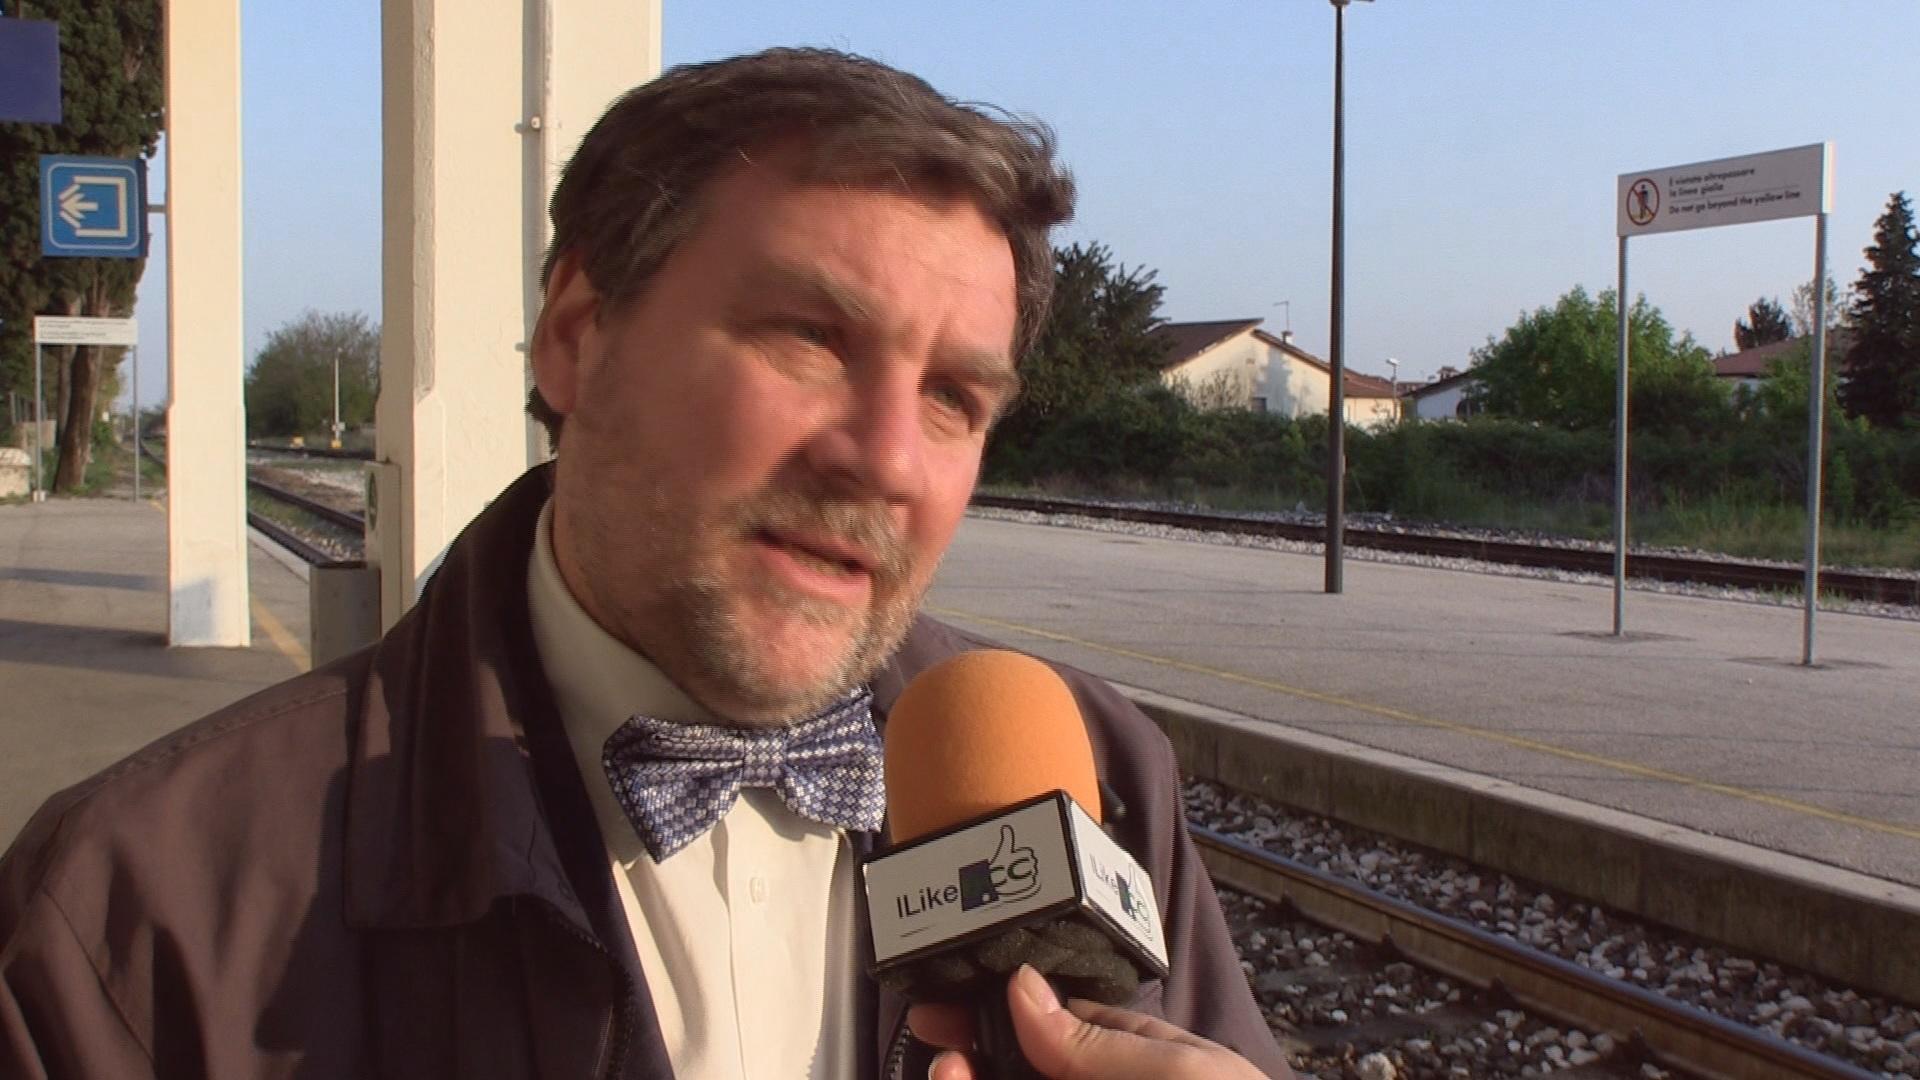 Salviamo il pianeta: Luca Mercalli ospite di Banca Alto Vicentino BCC – I Like BCC